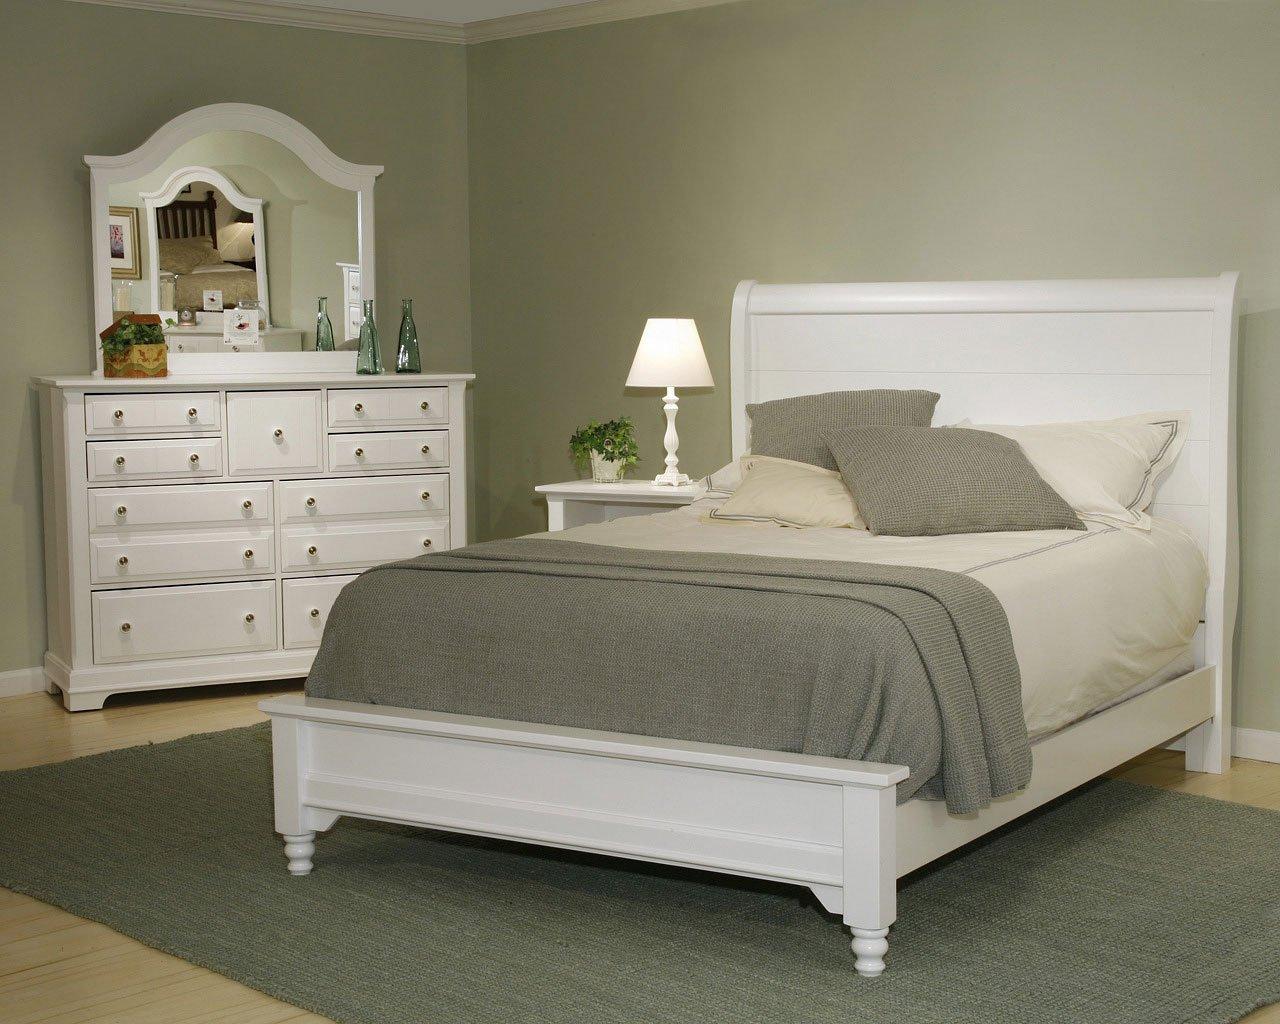 Cottage Sleigh Bedroom Set (Snow White) Vaughan Bassett ...